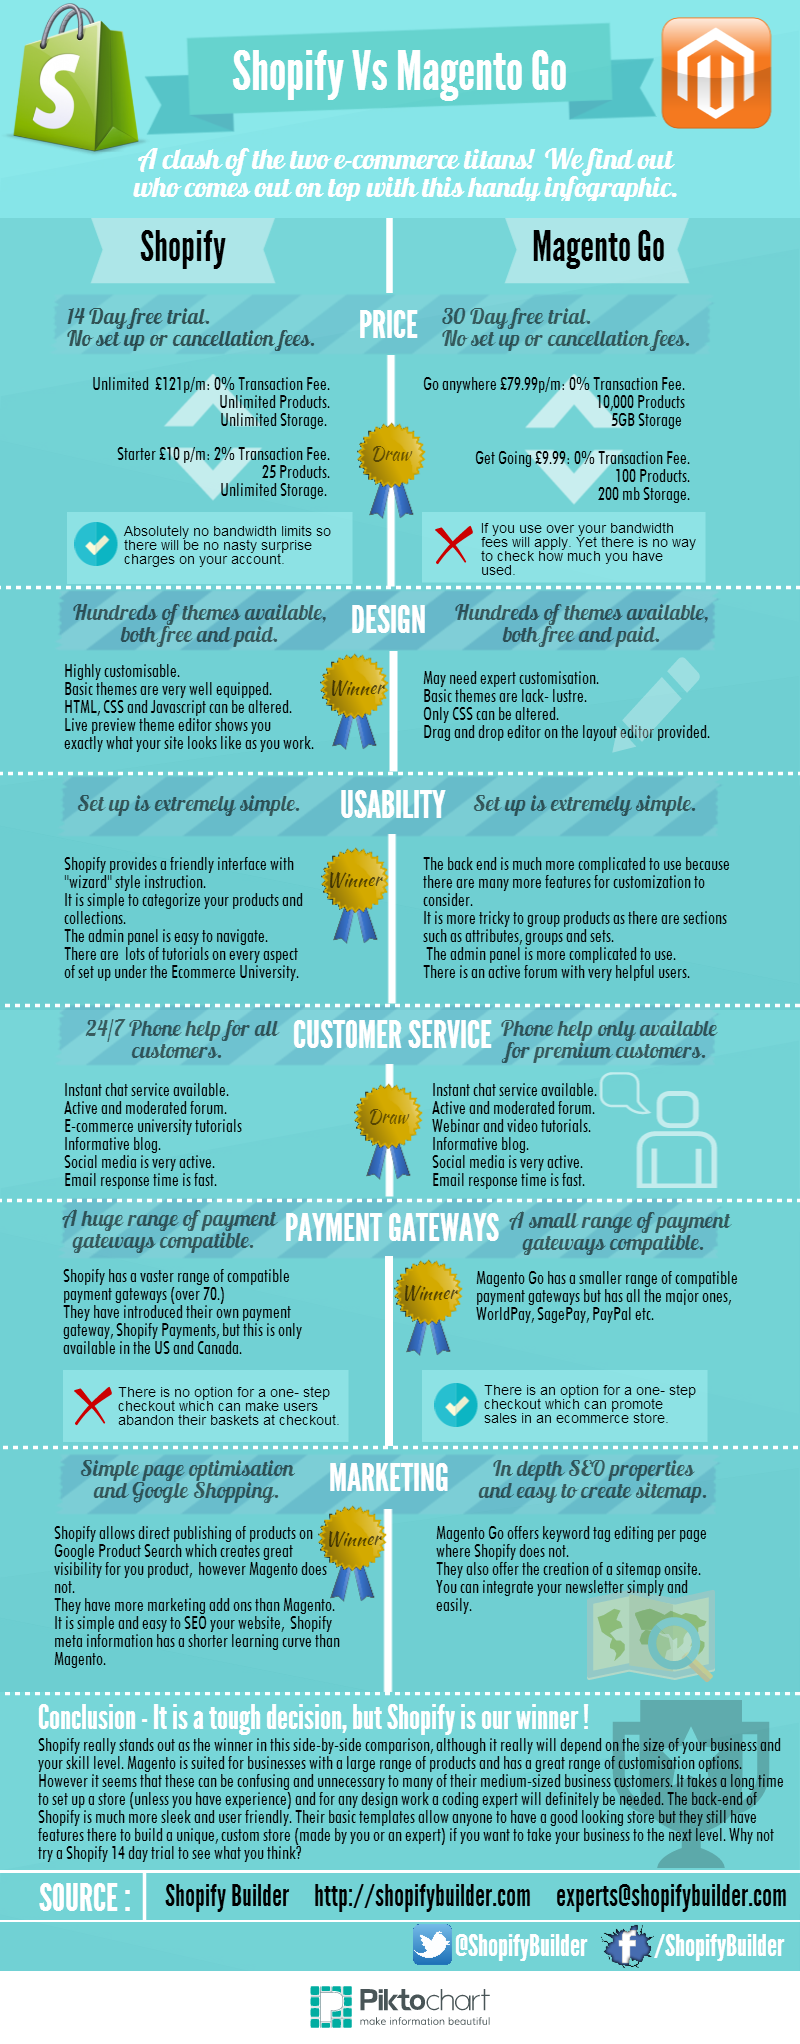 Shopify Vs Magento Go Infographic